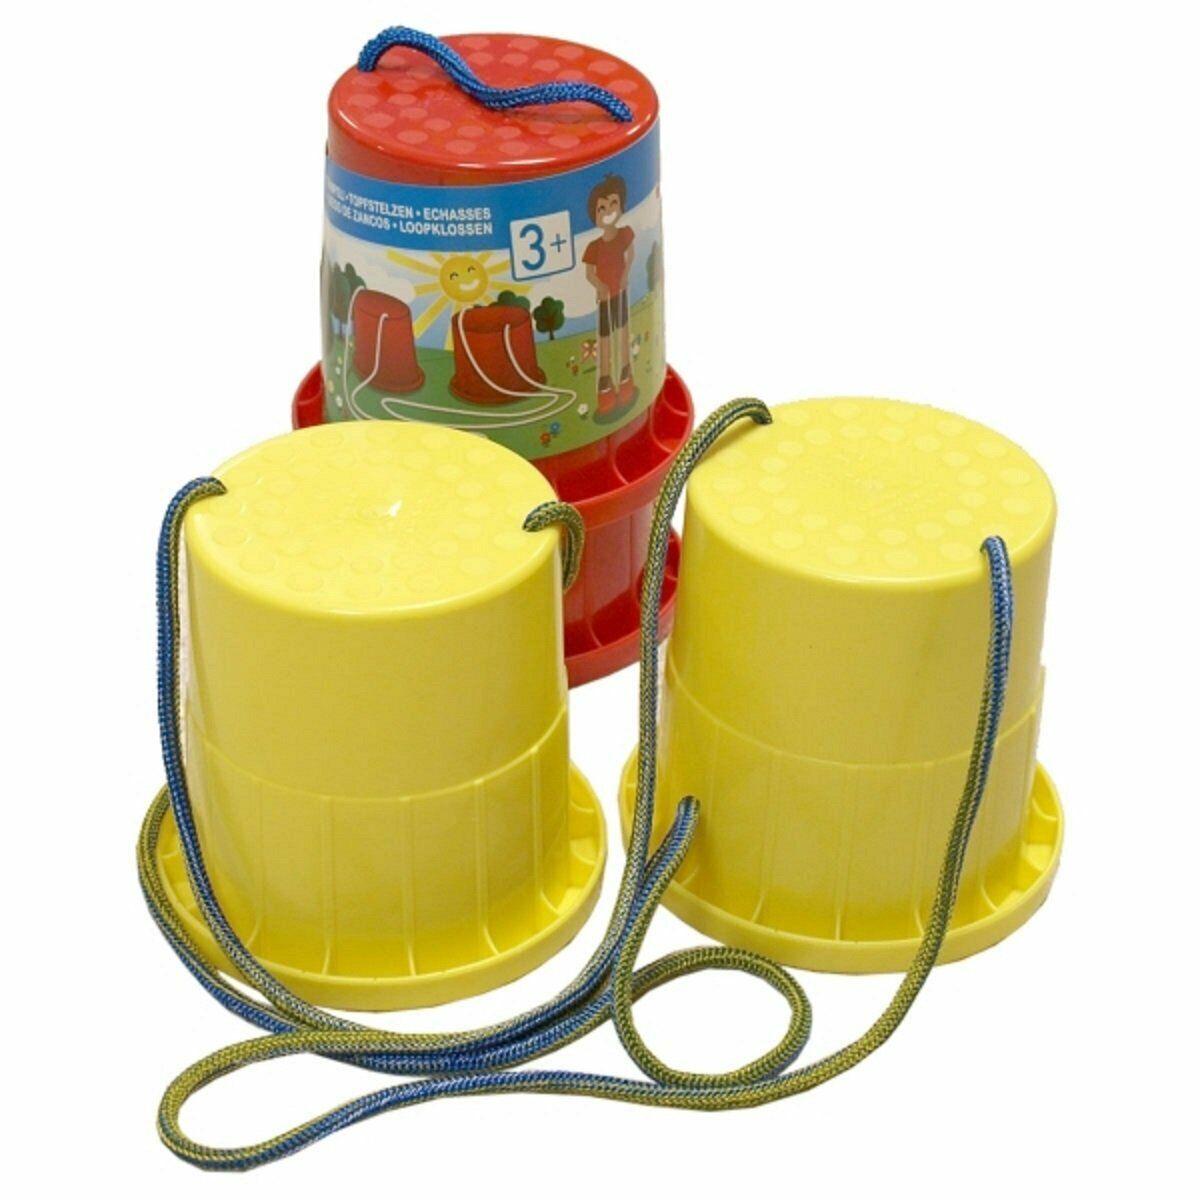 1 Paar Topfstelzen für Kinder 50 Kg belastbarkeit ab 3 Jahren